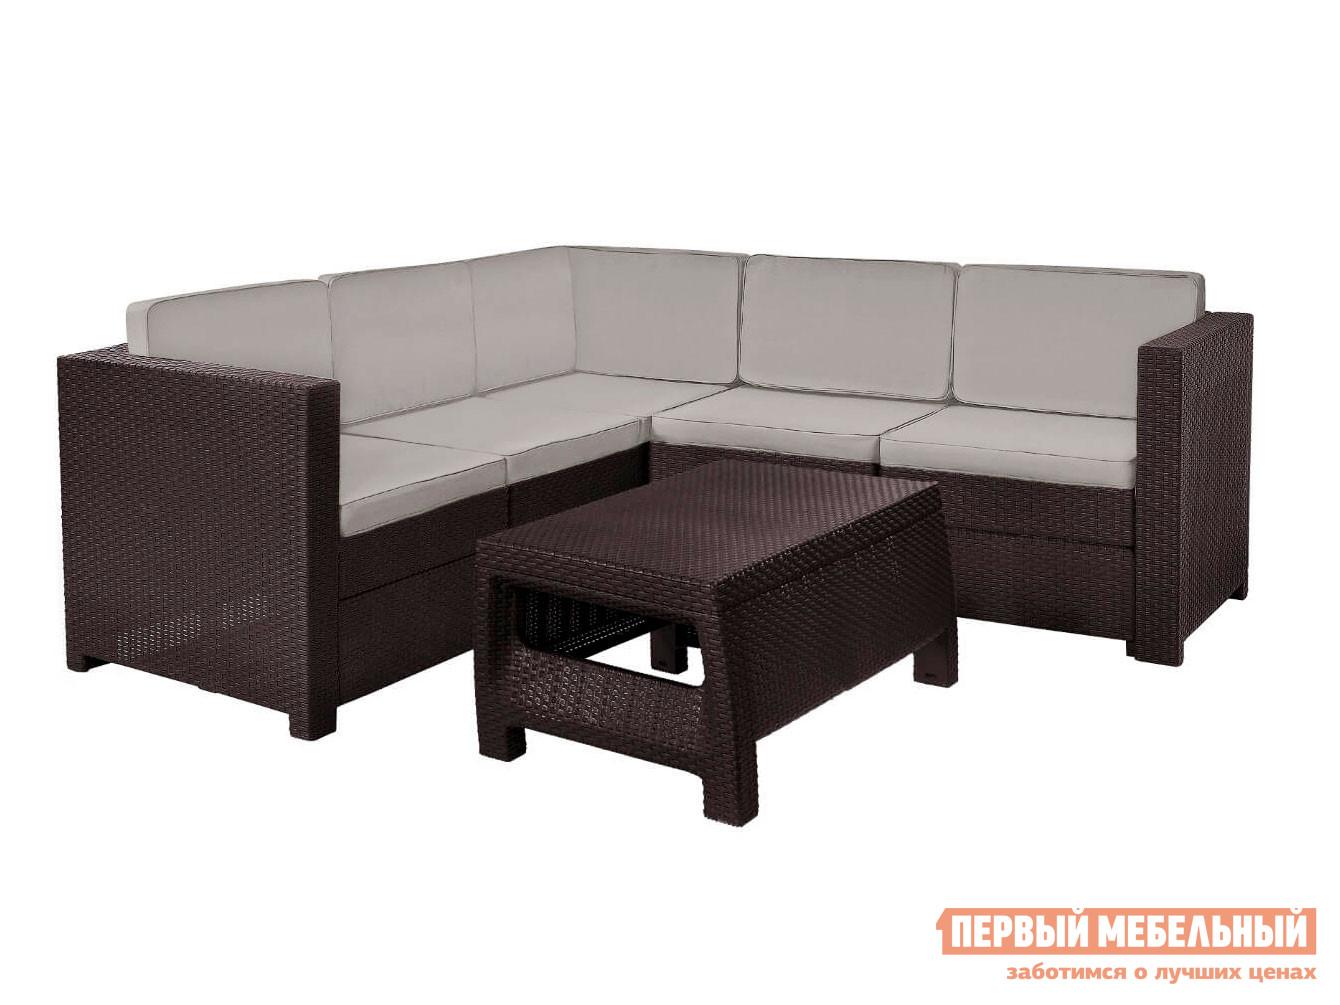 Комплект плетеной мебели Keter PROVENCE SET 17204454 комплект плетеной мебели keter комплект moorea set unity